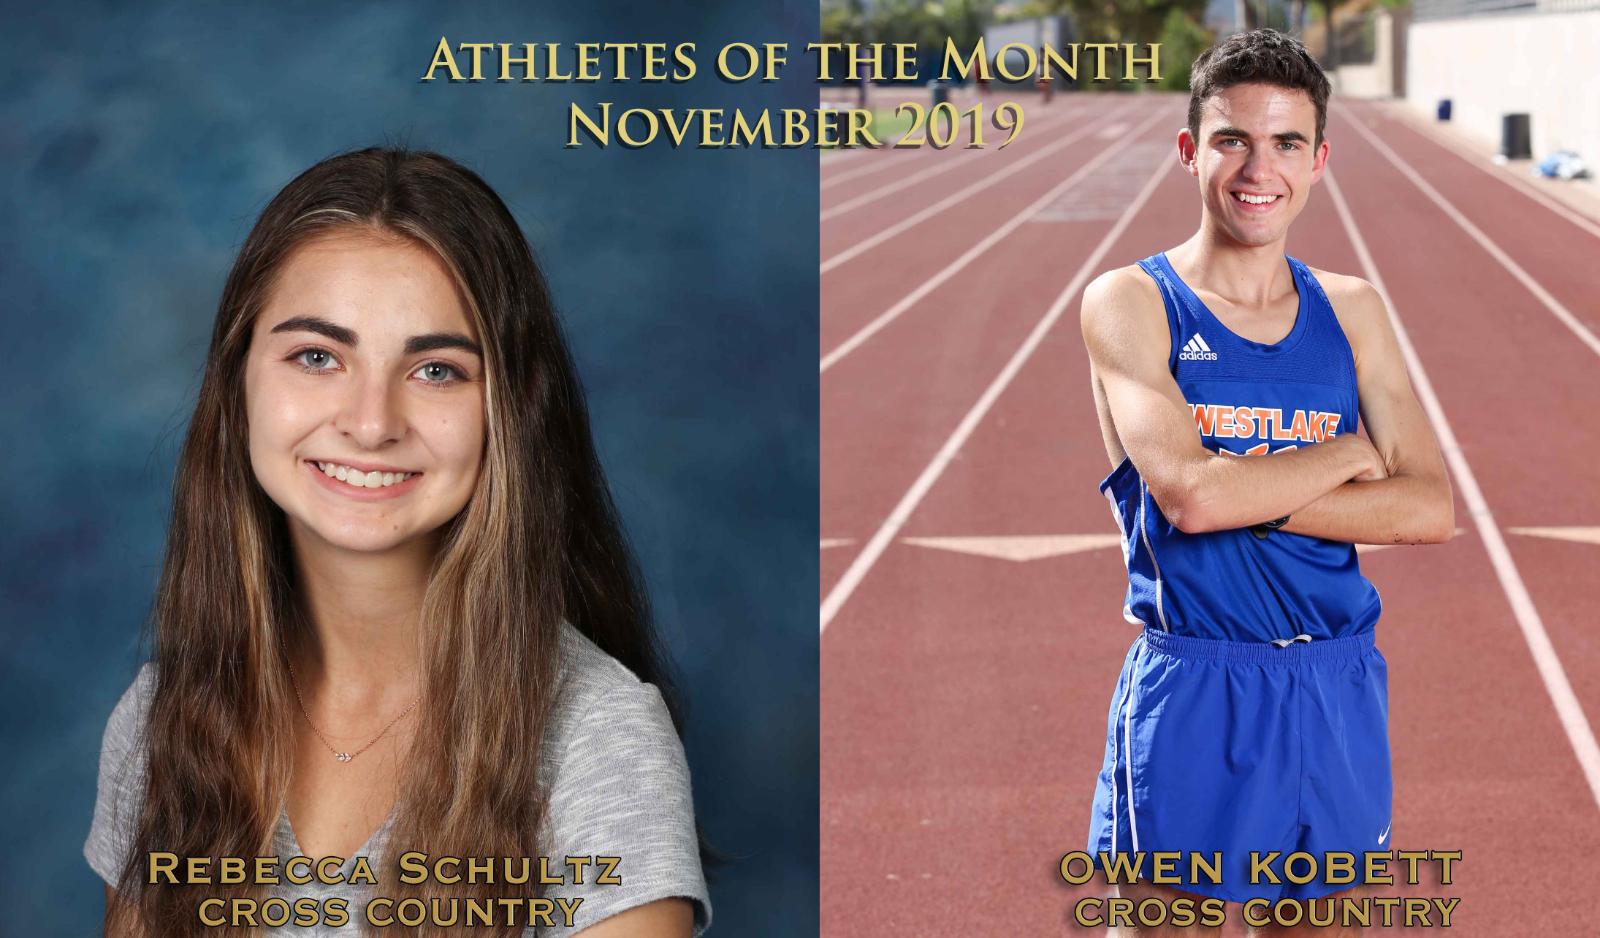 Schultz, Kobett Named November Athletes of the Month